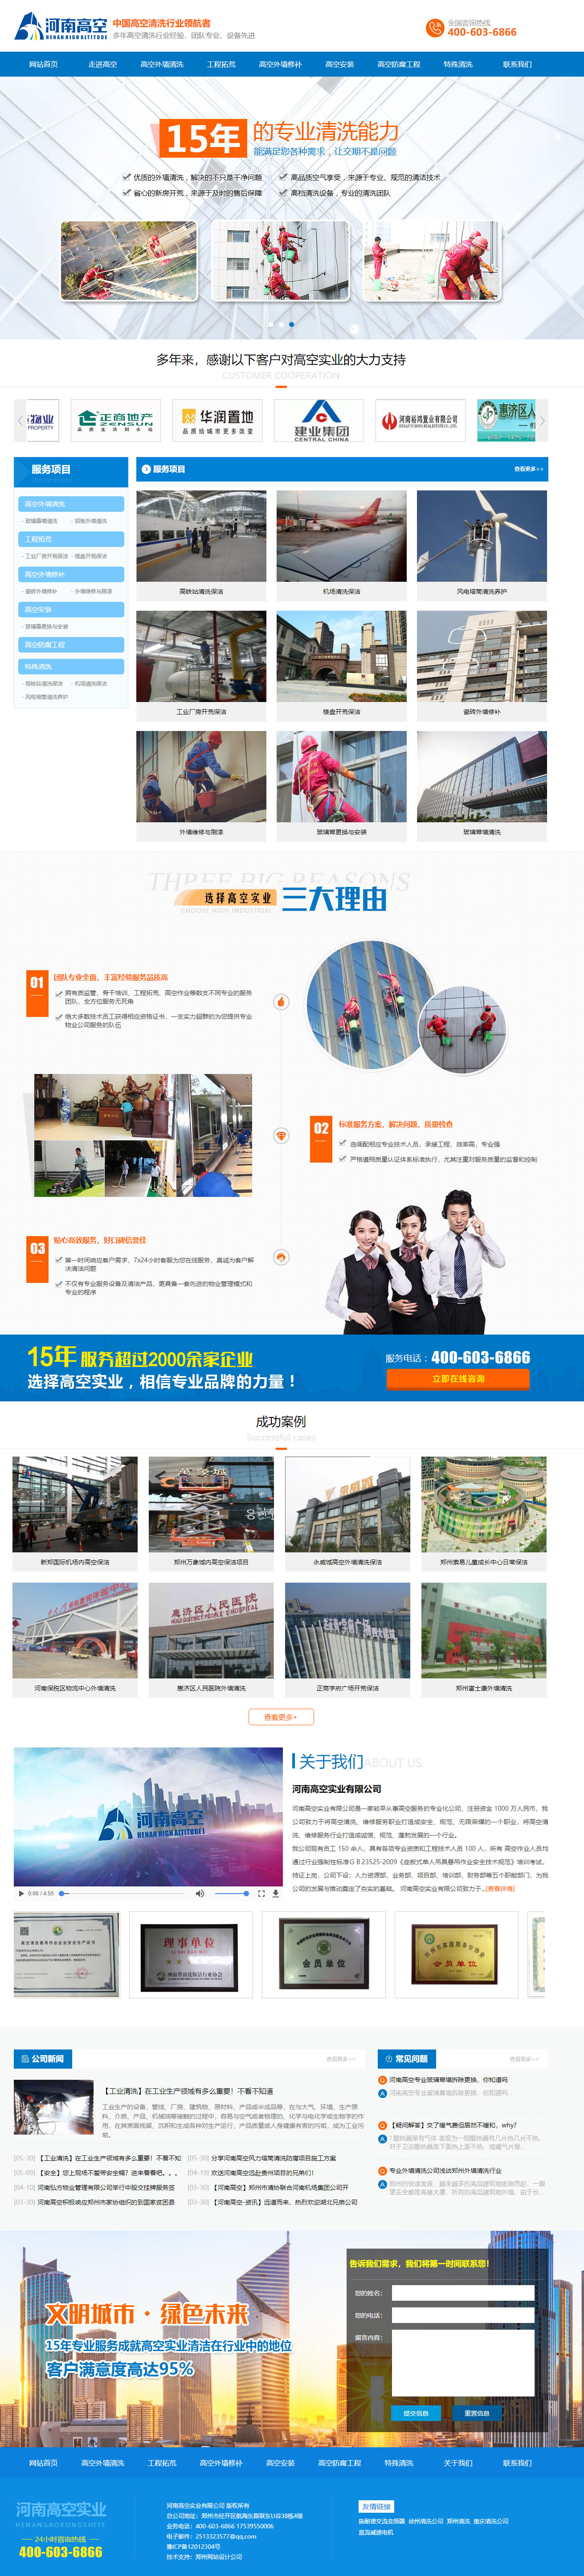 河南高空集团营销型官网案例